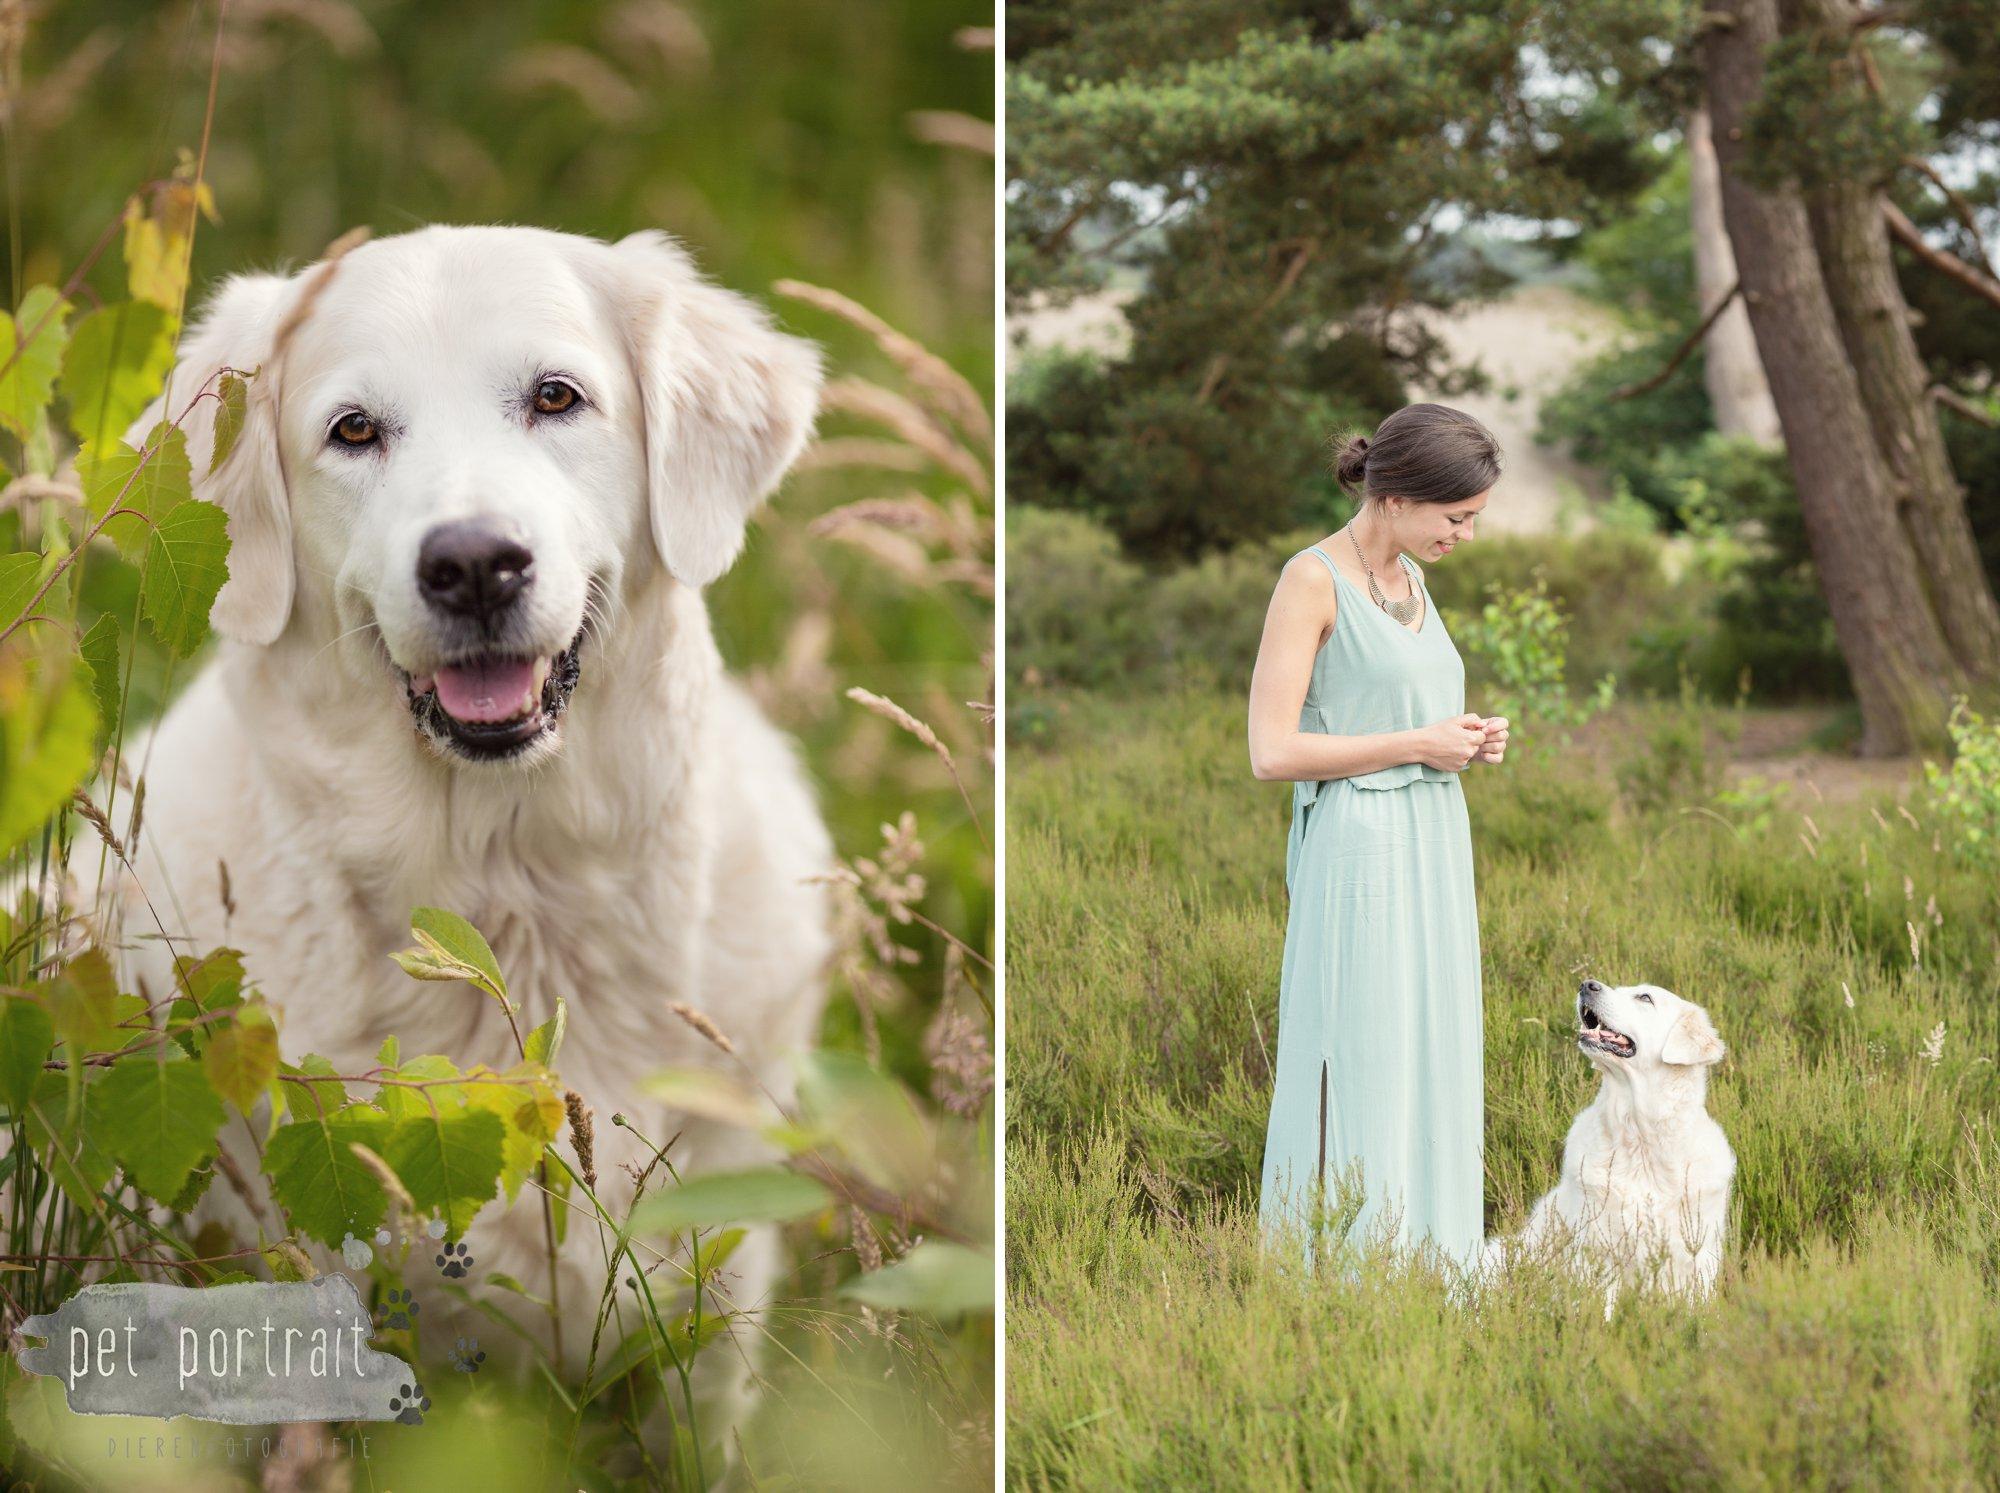 Hondenfotograaf Soest - Dier en Baasje fotoshoot in de Soesterduinen-3